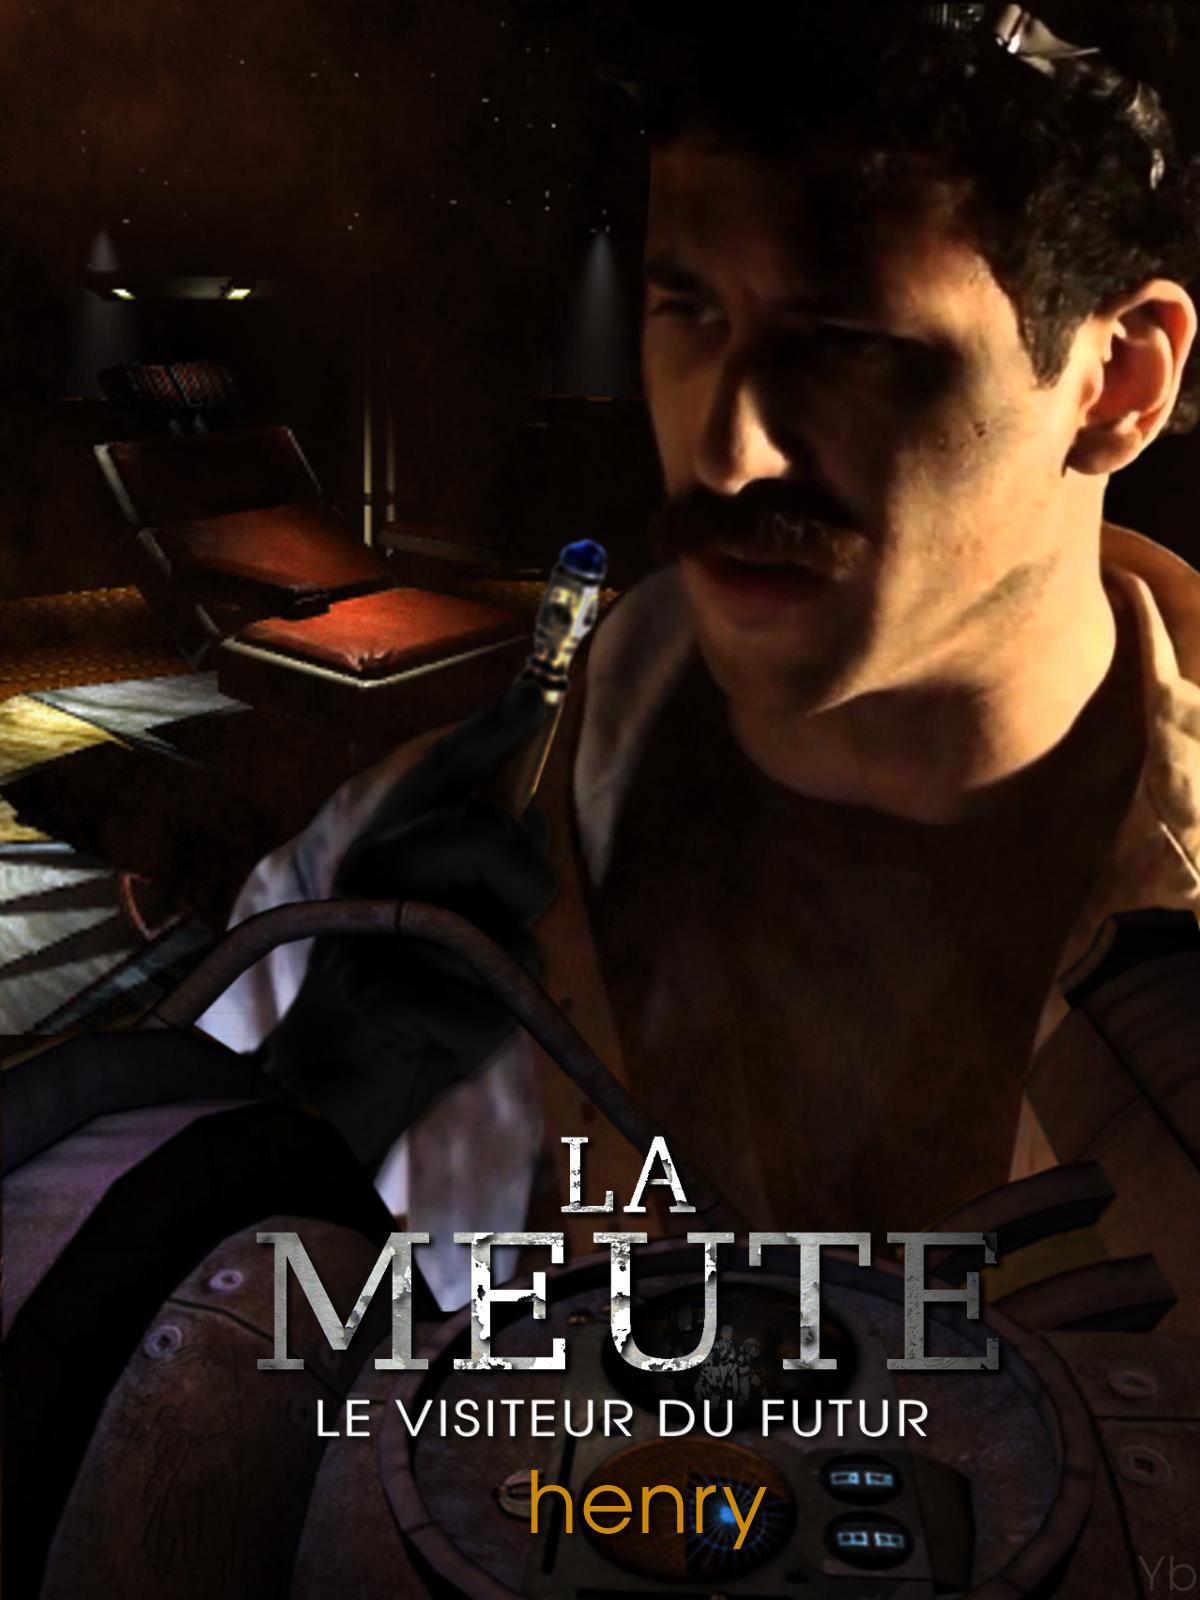 La Gazette de Néo-Versailles : Concours de Fan-art La Meute  (N°9 - Février 2015) 04_Henry04